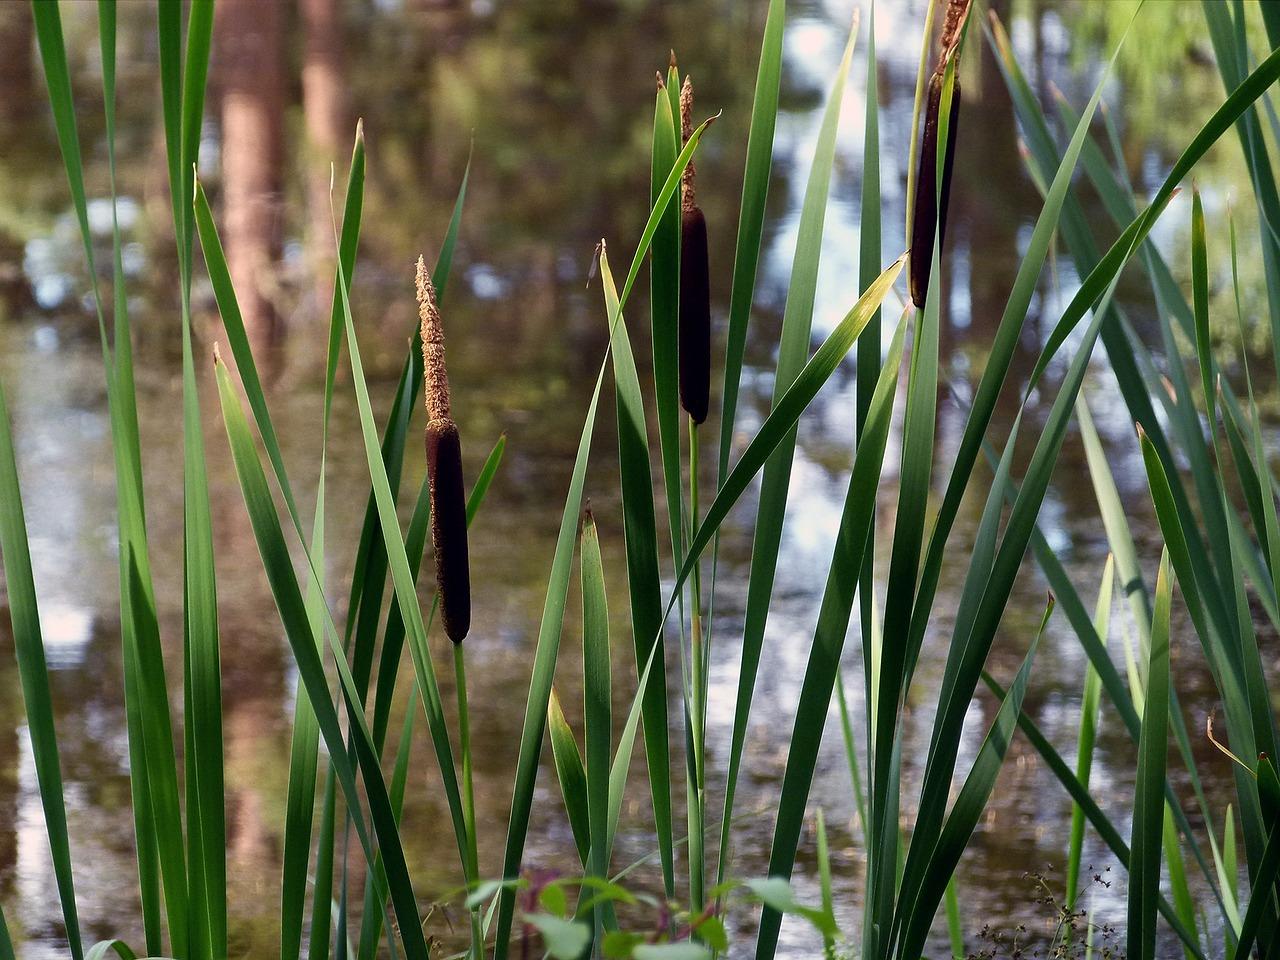 болотная растительность фото картинки центре